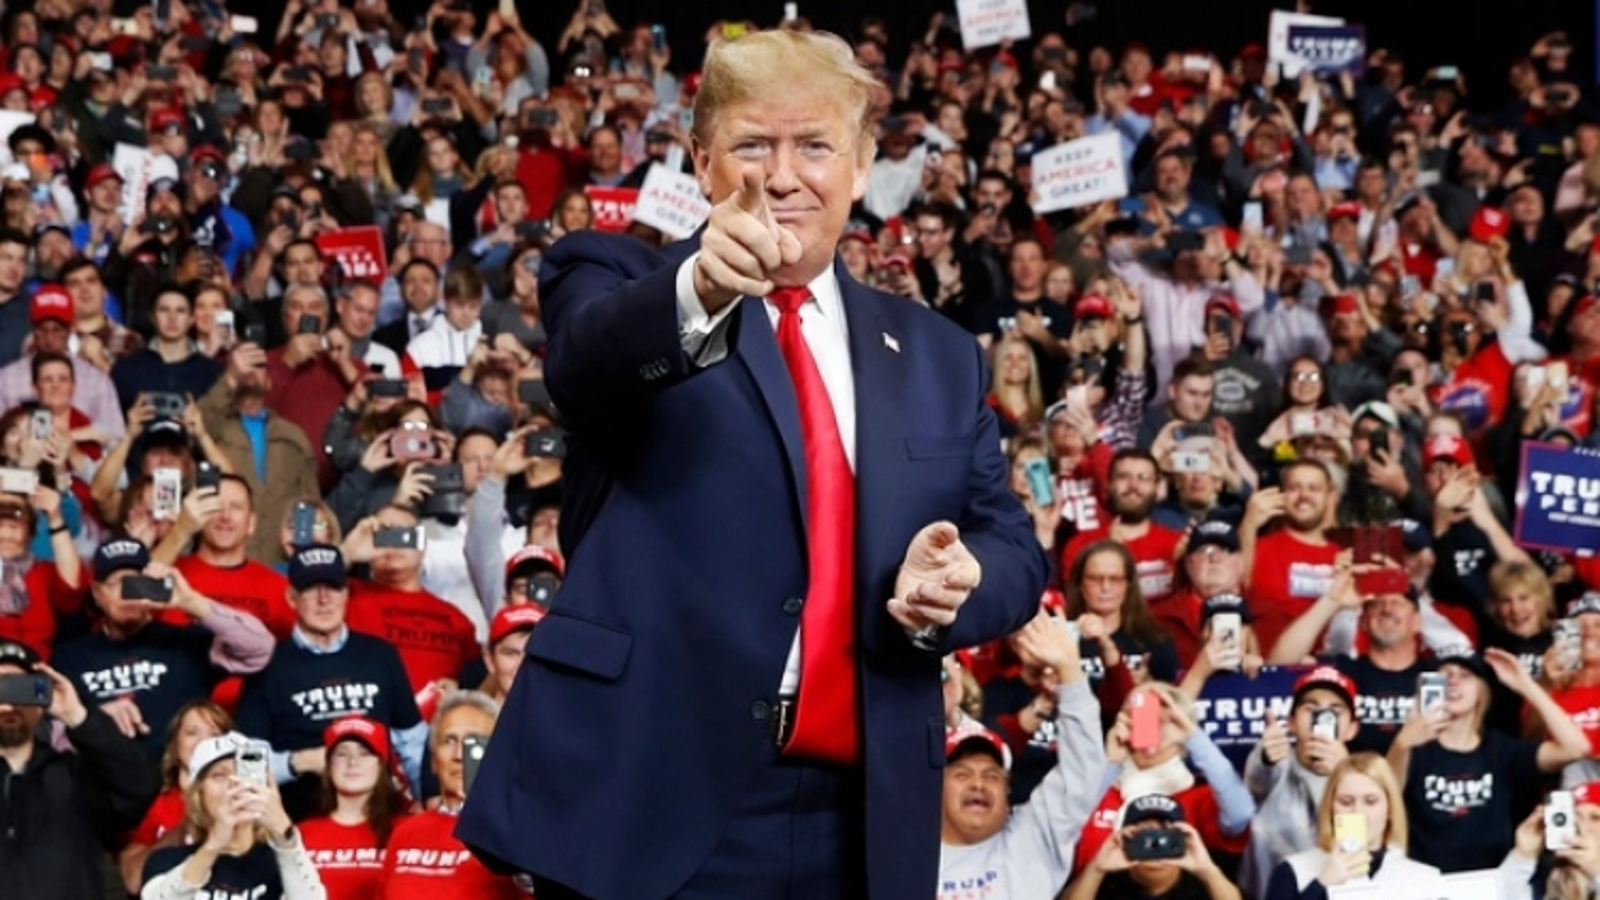 Tỷ lệ ủng hộ ông Trump so với các tổng thống tiền nhiệm 2 tuần trước bầu cử